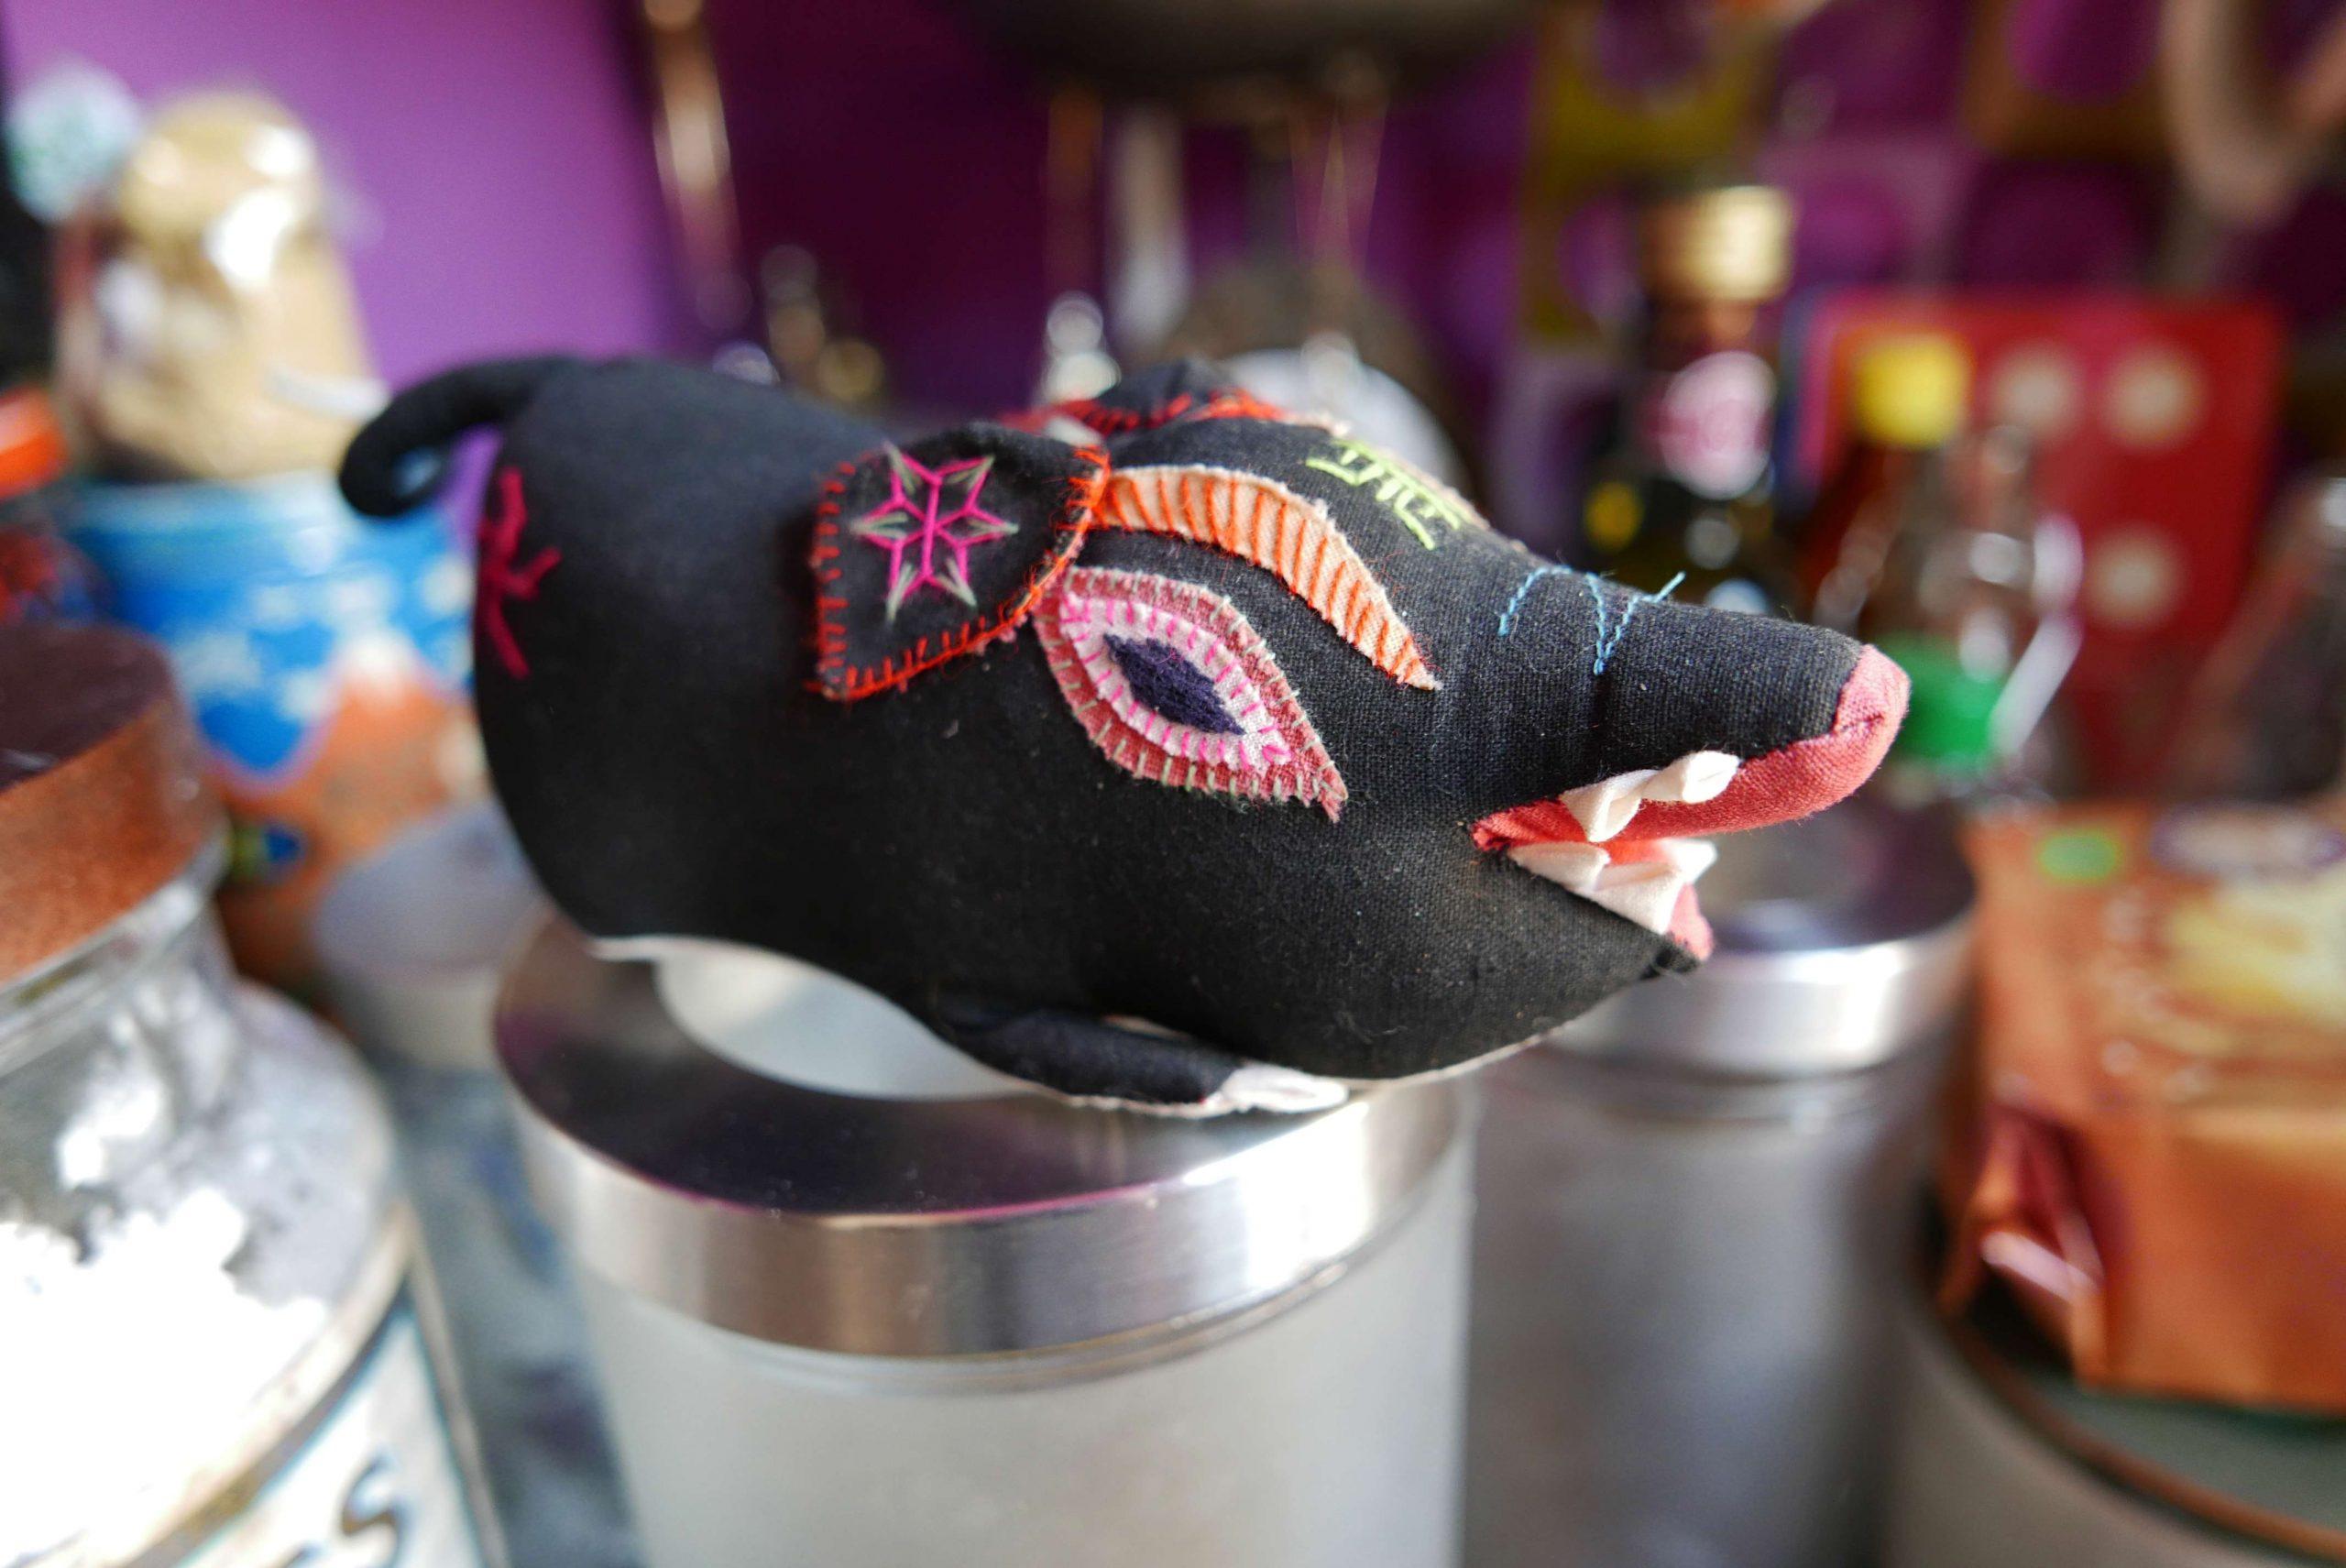 asiatisches Wildschwein aus Stoff mit Stickereien in der Speisekammer